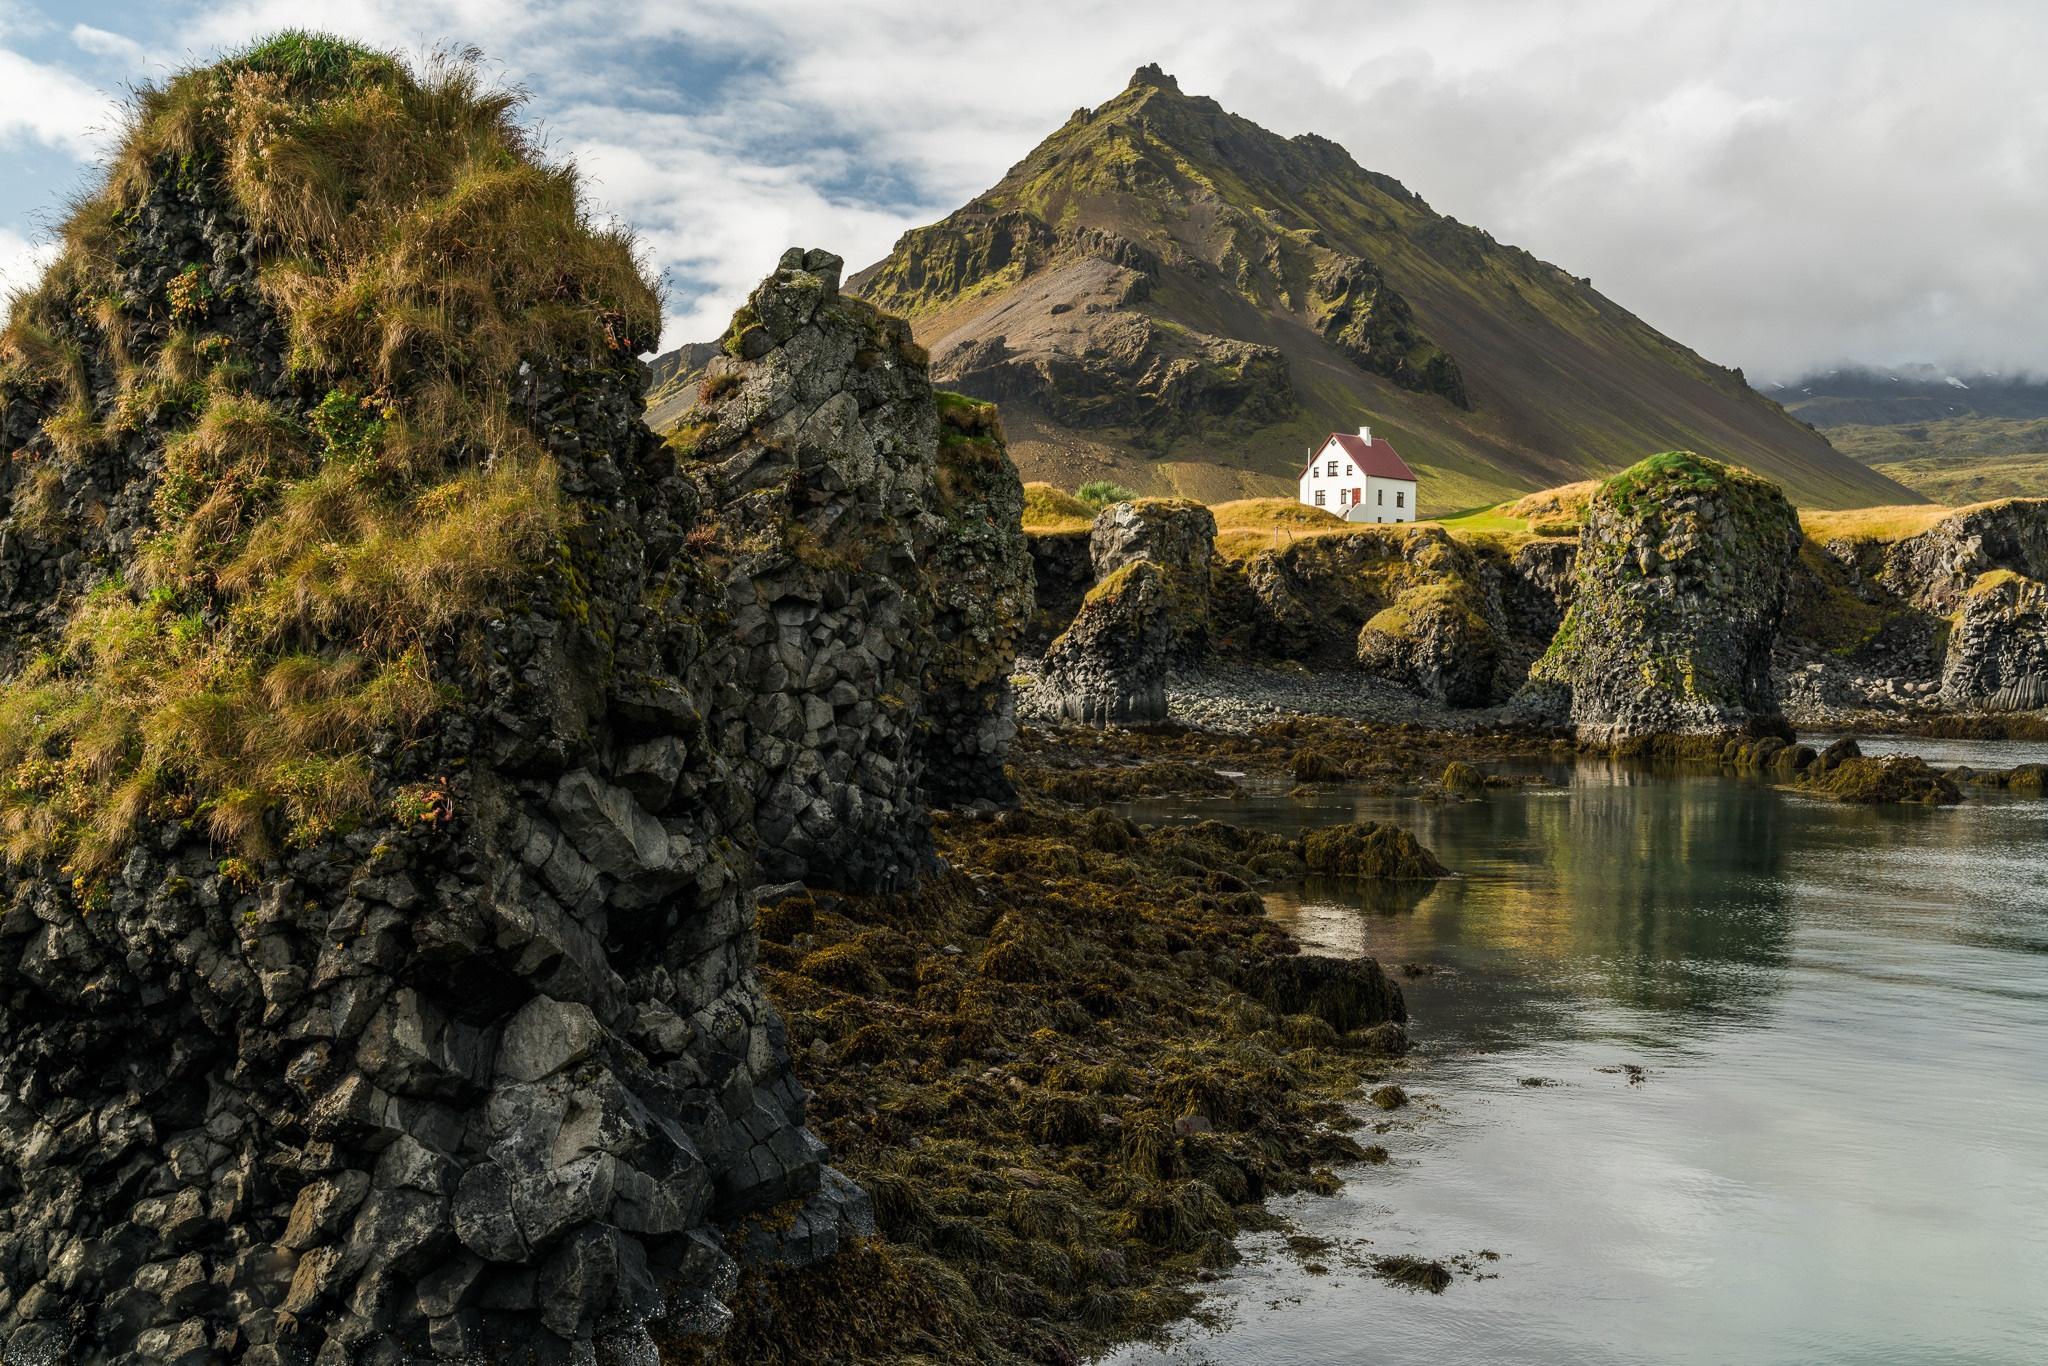 окончании обои на рабочий исландия фотографам рекомендуется